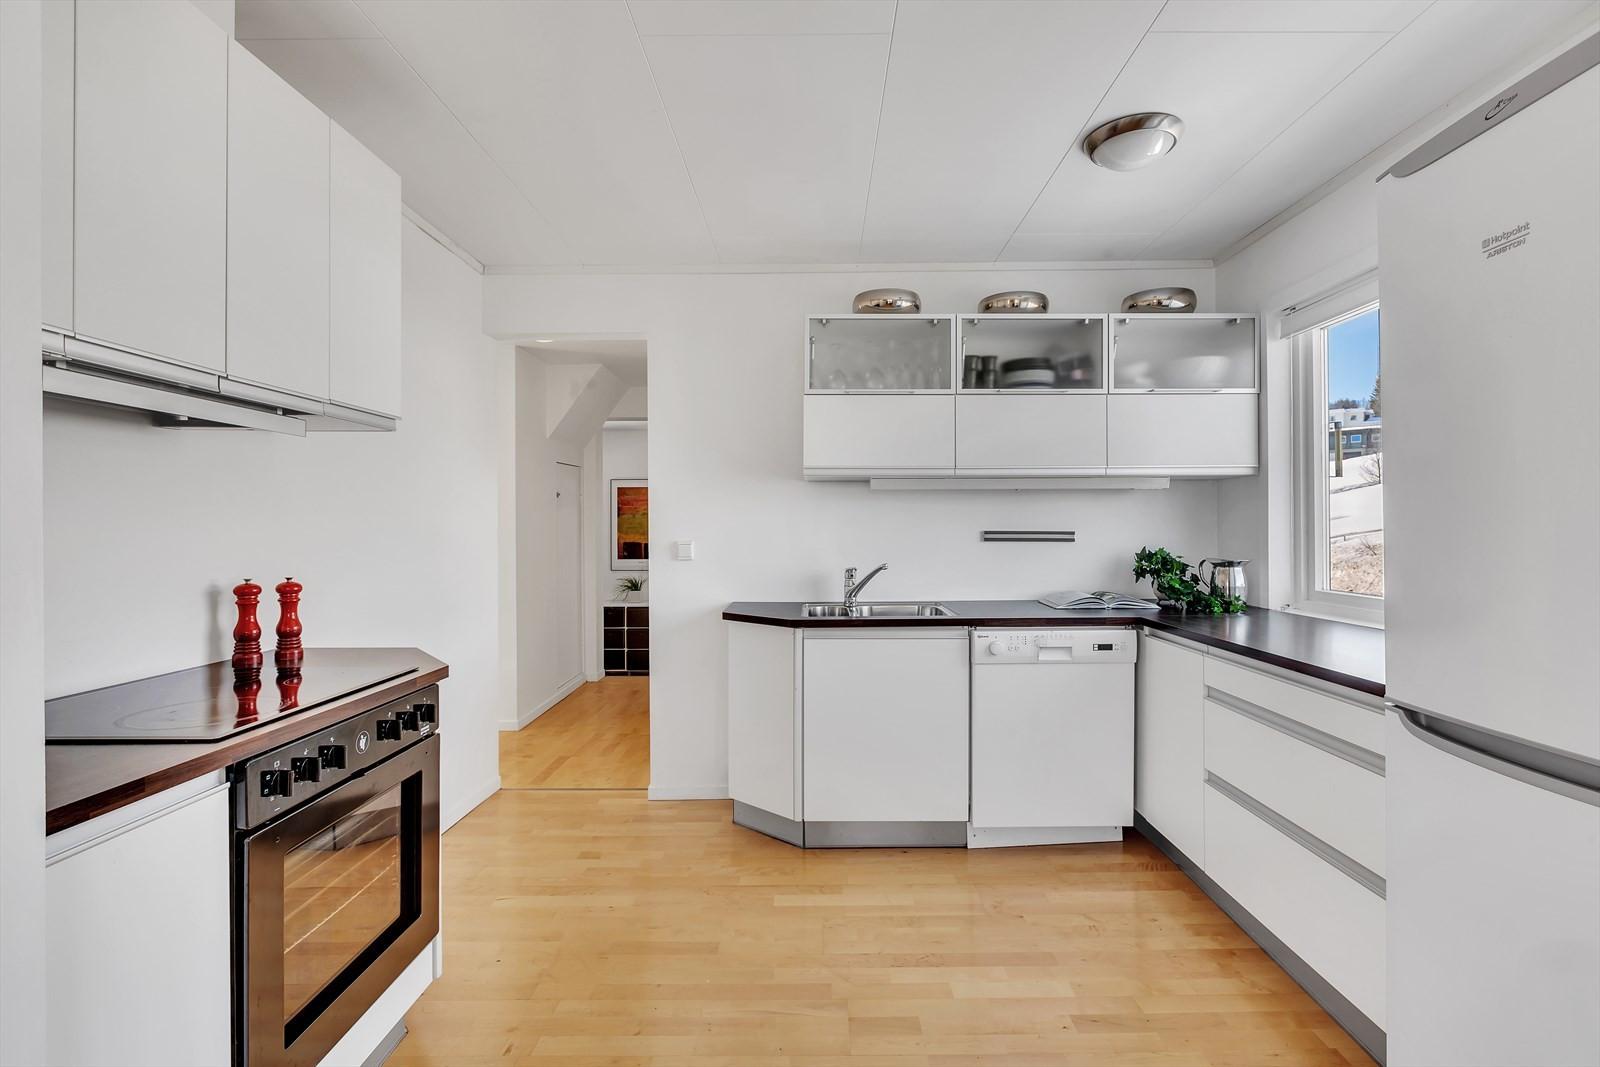 Kjøkken har lyse innredninger og  godt med benkeplass.